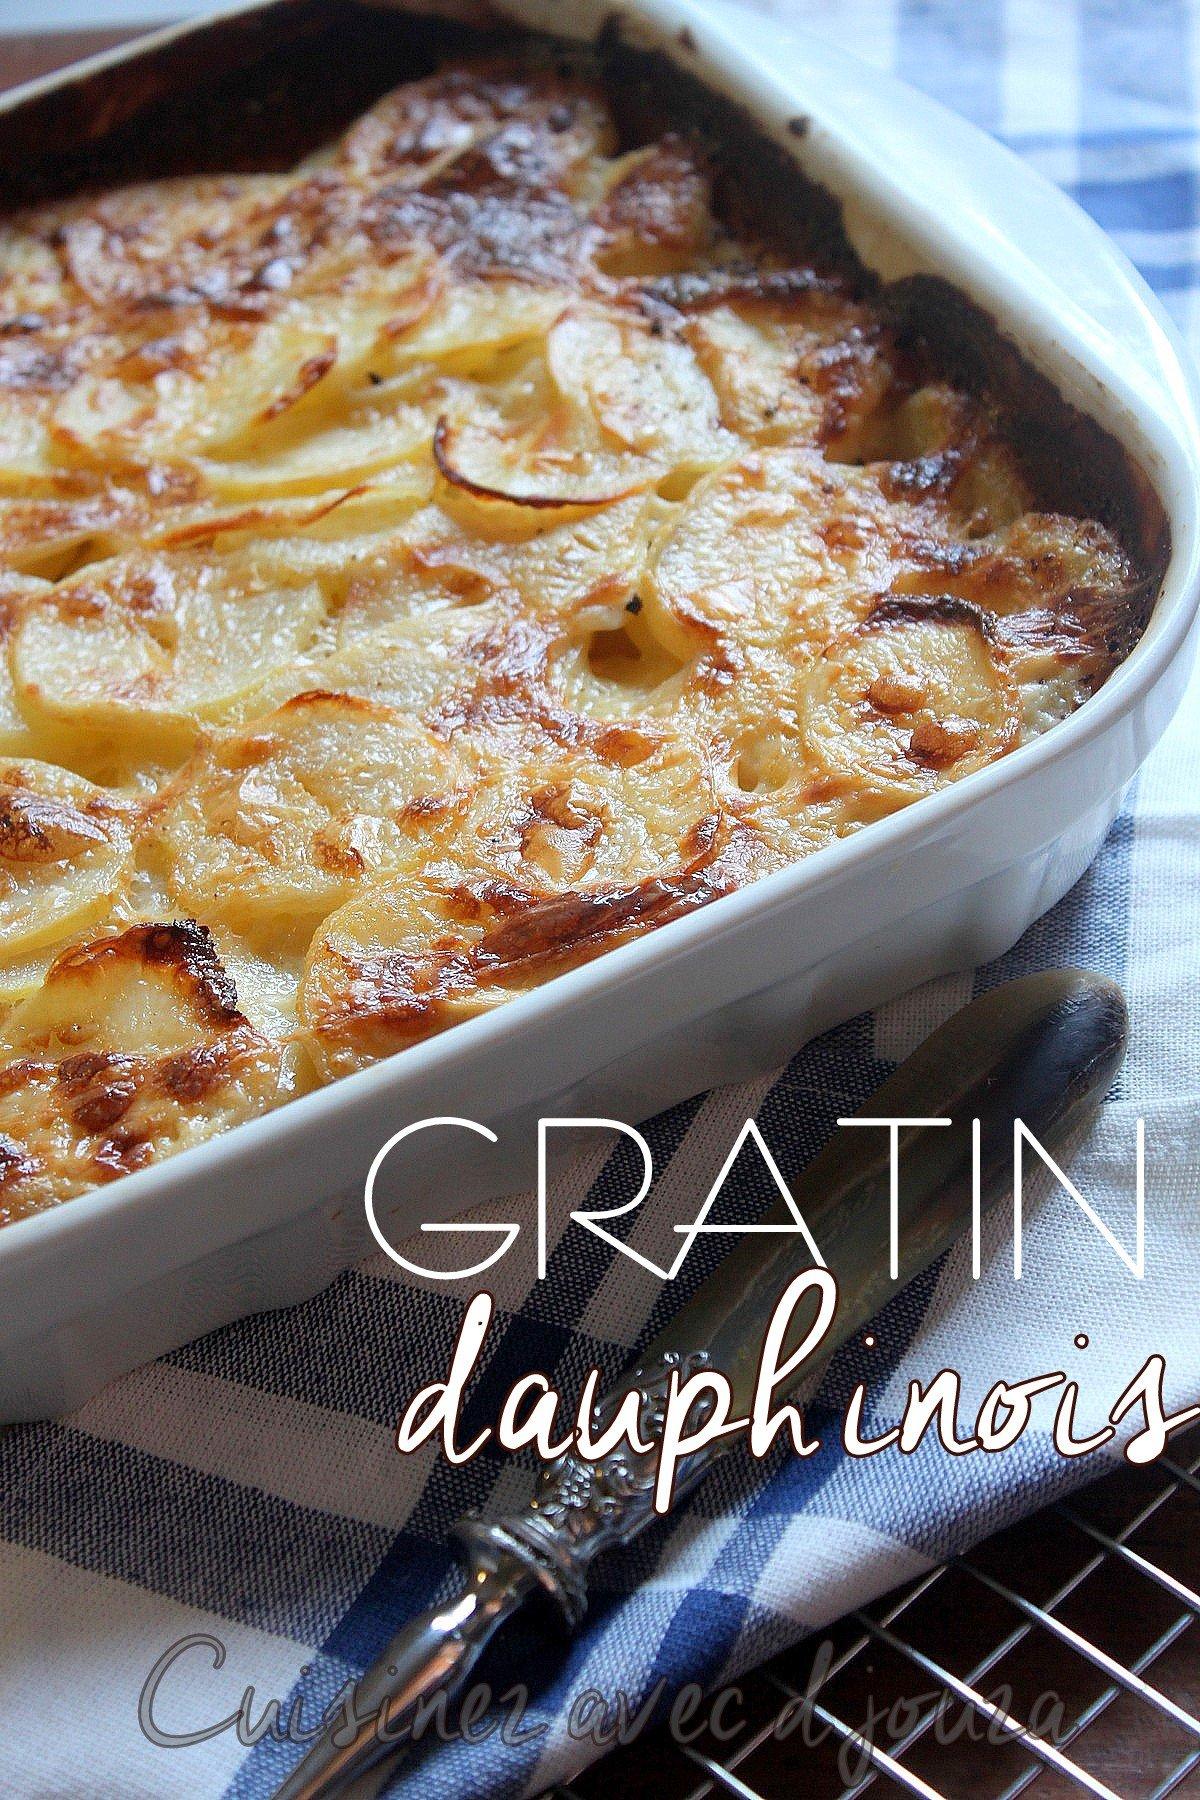 la vraie recette du gratin dauphinois